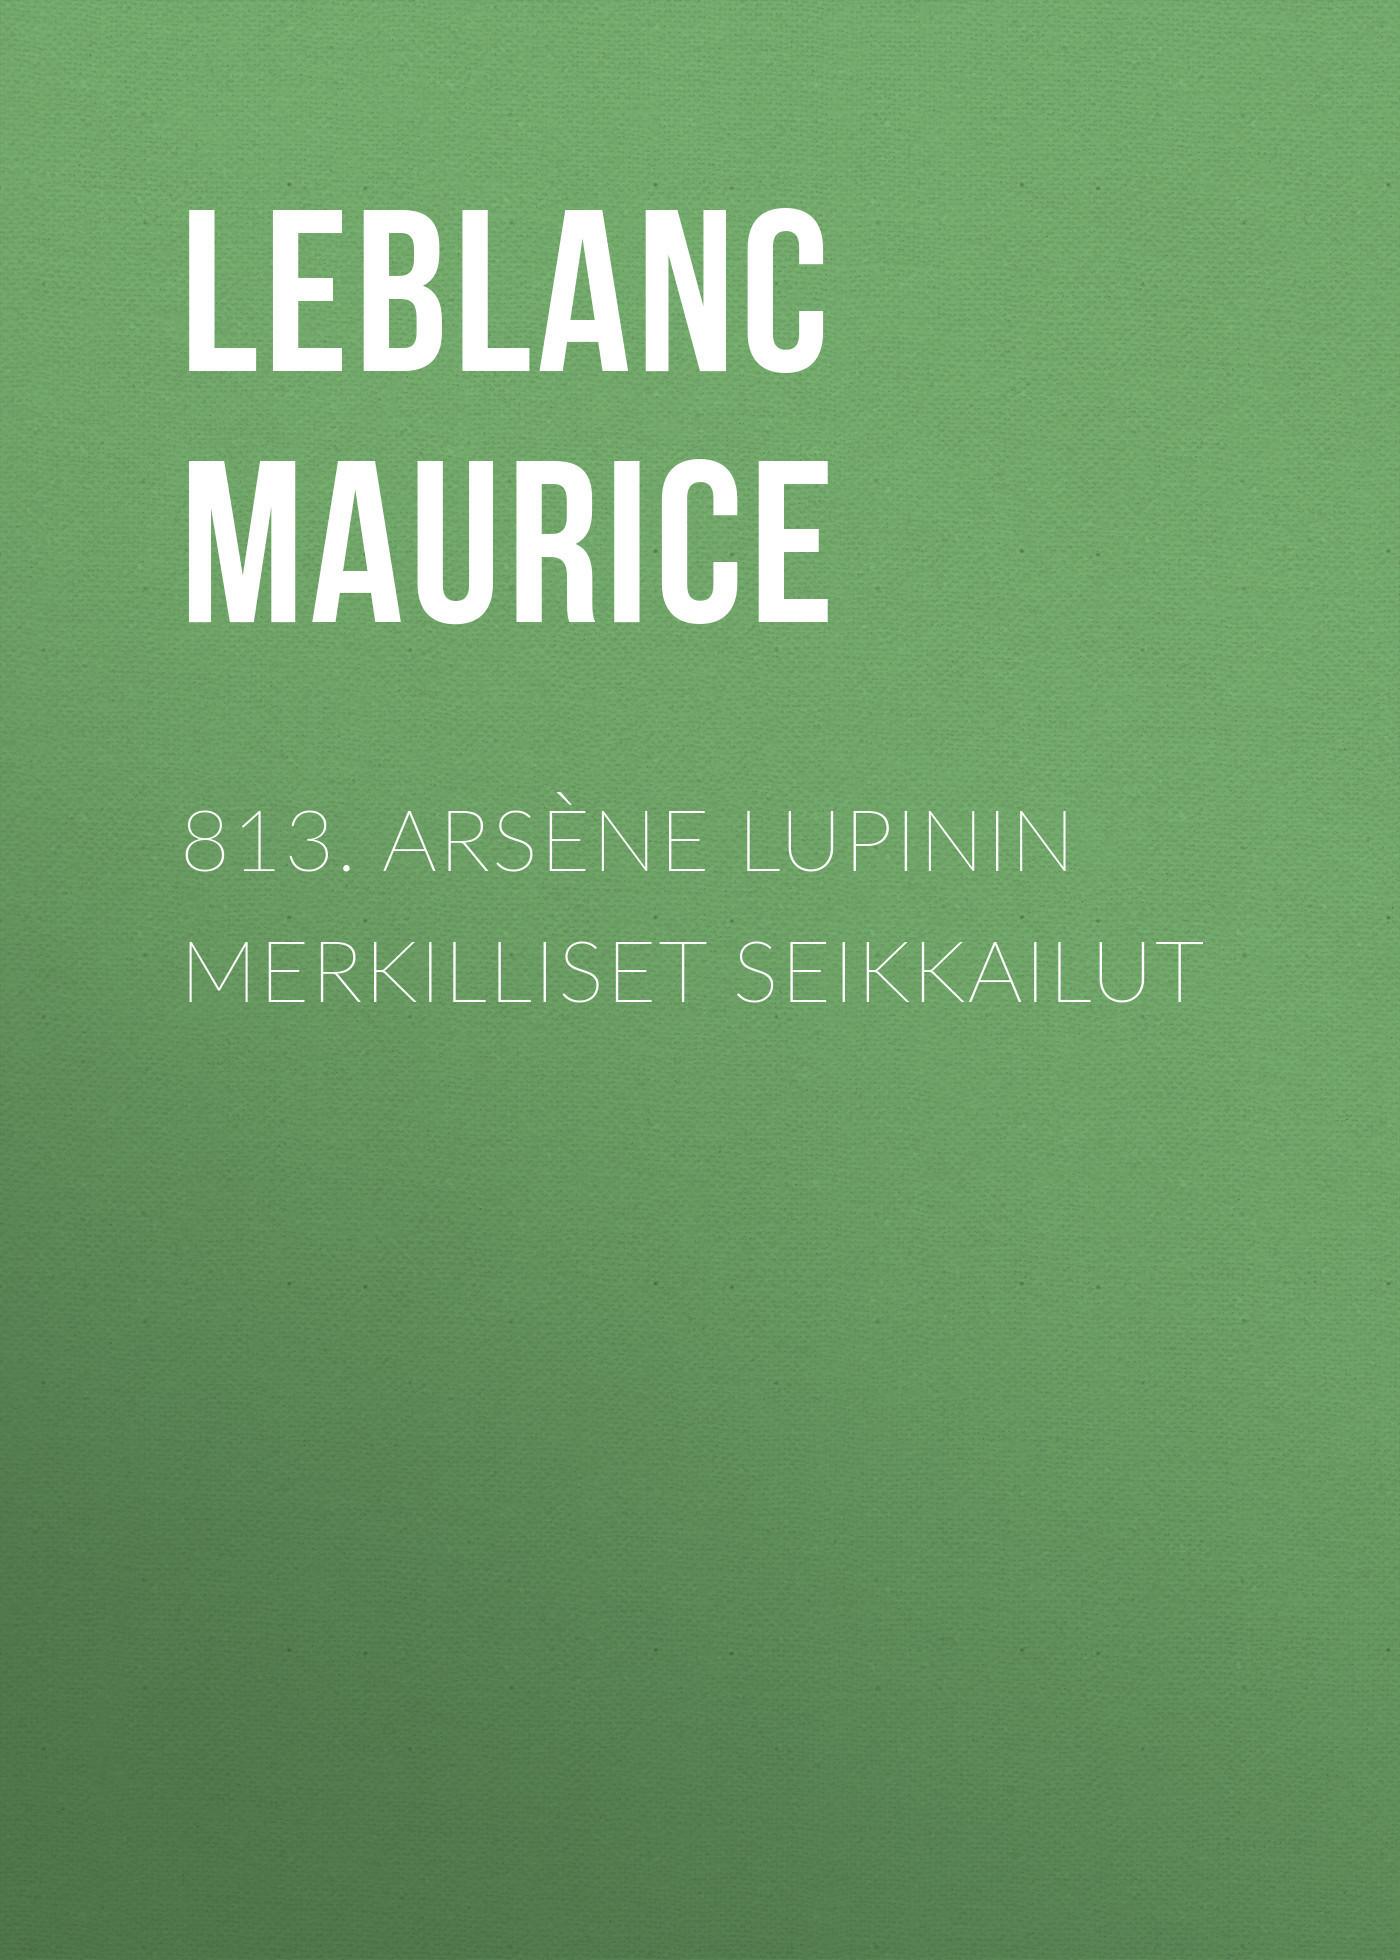 813. Arsène Lupinin merkilliset seikkailut